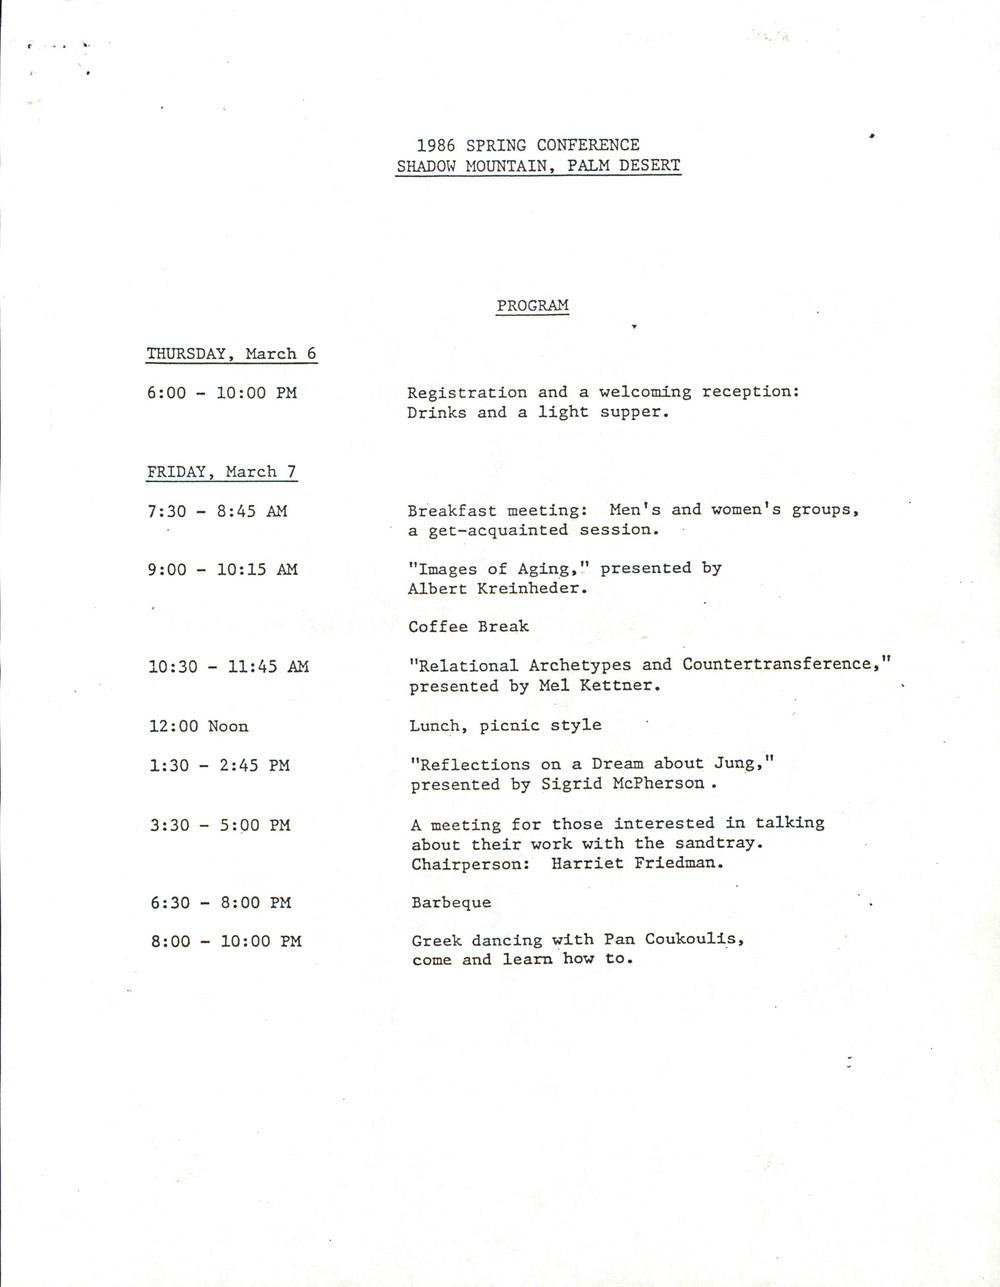 Program for 1986 Spring Conference